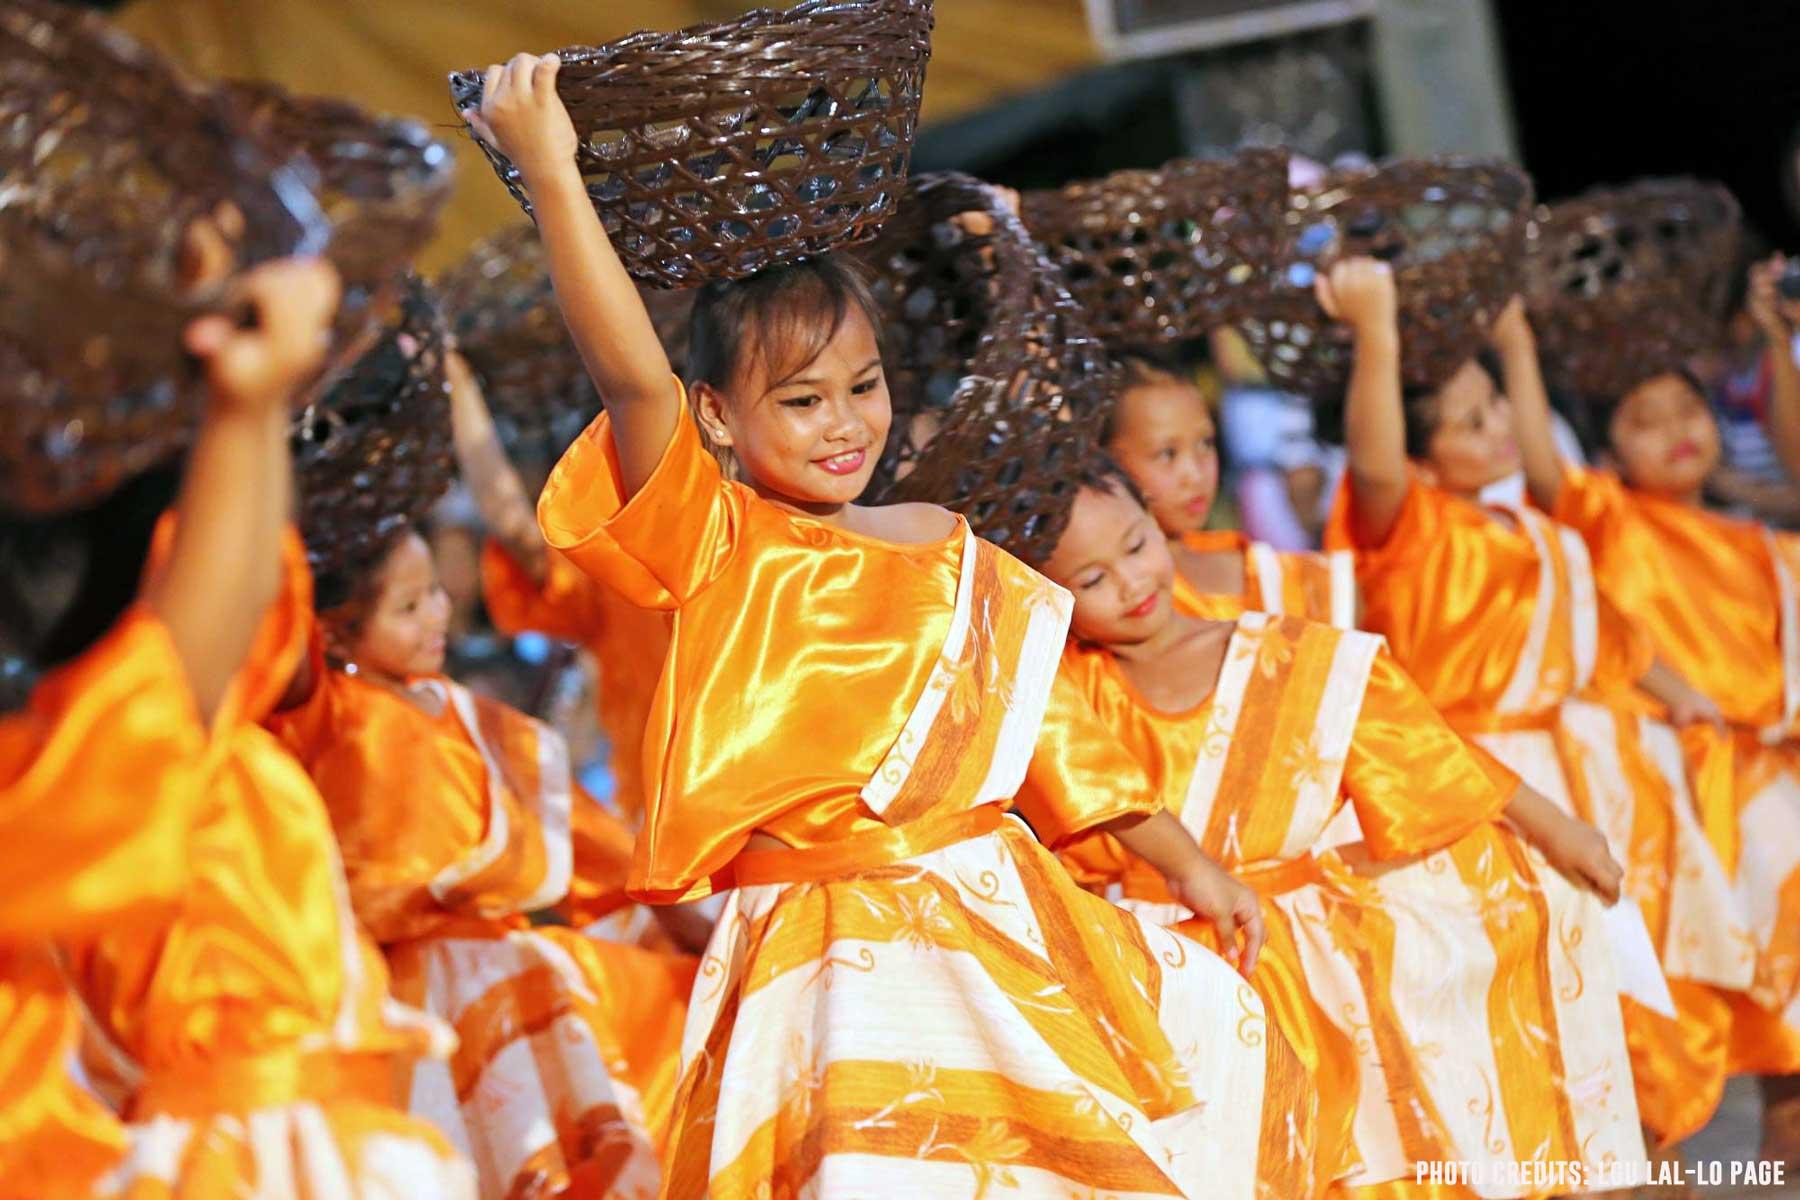 cabibi festival